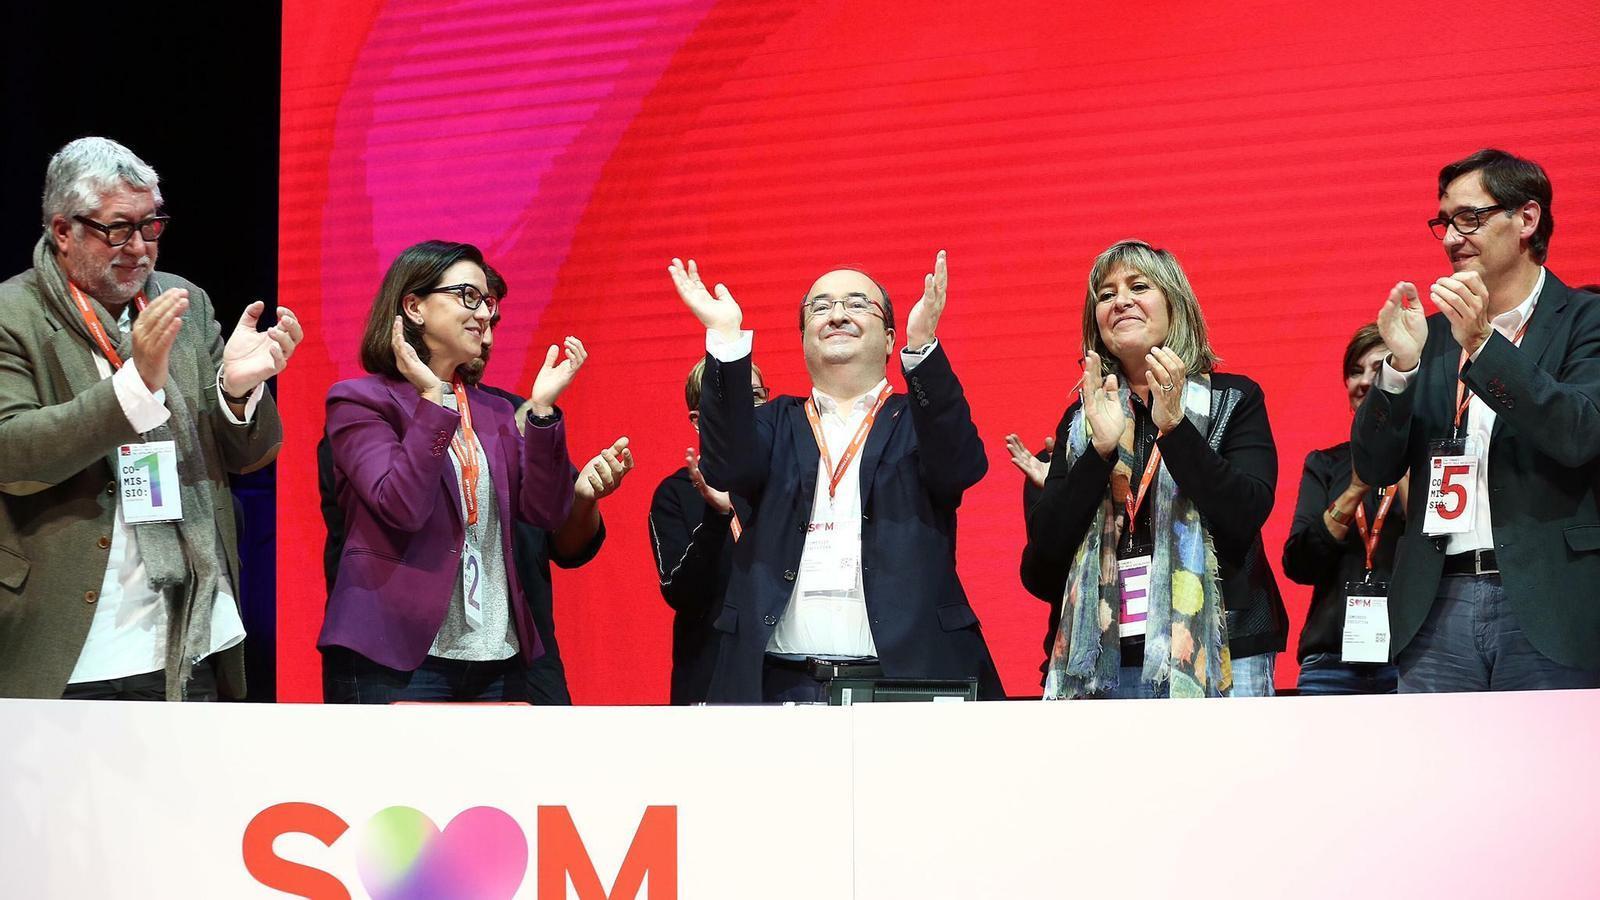 La nova direcció del PSC consolida l'autoritat d'Illa i Granados i reforça el paper dels diputats al Parlament